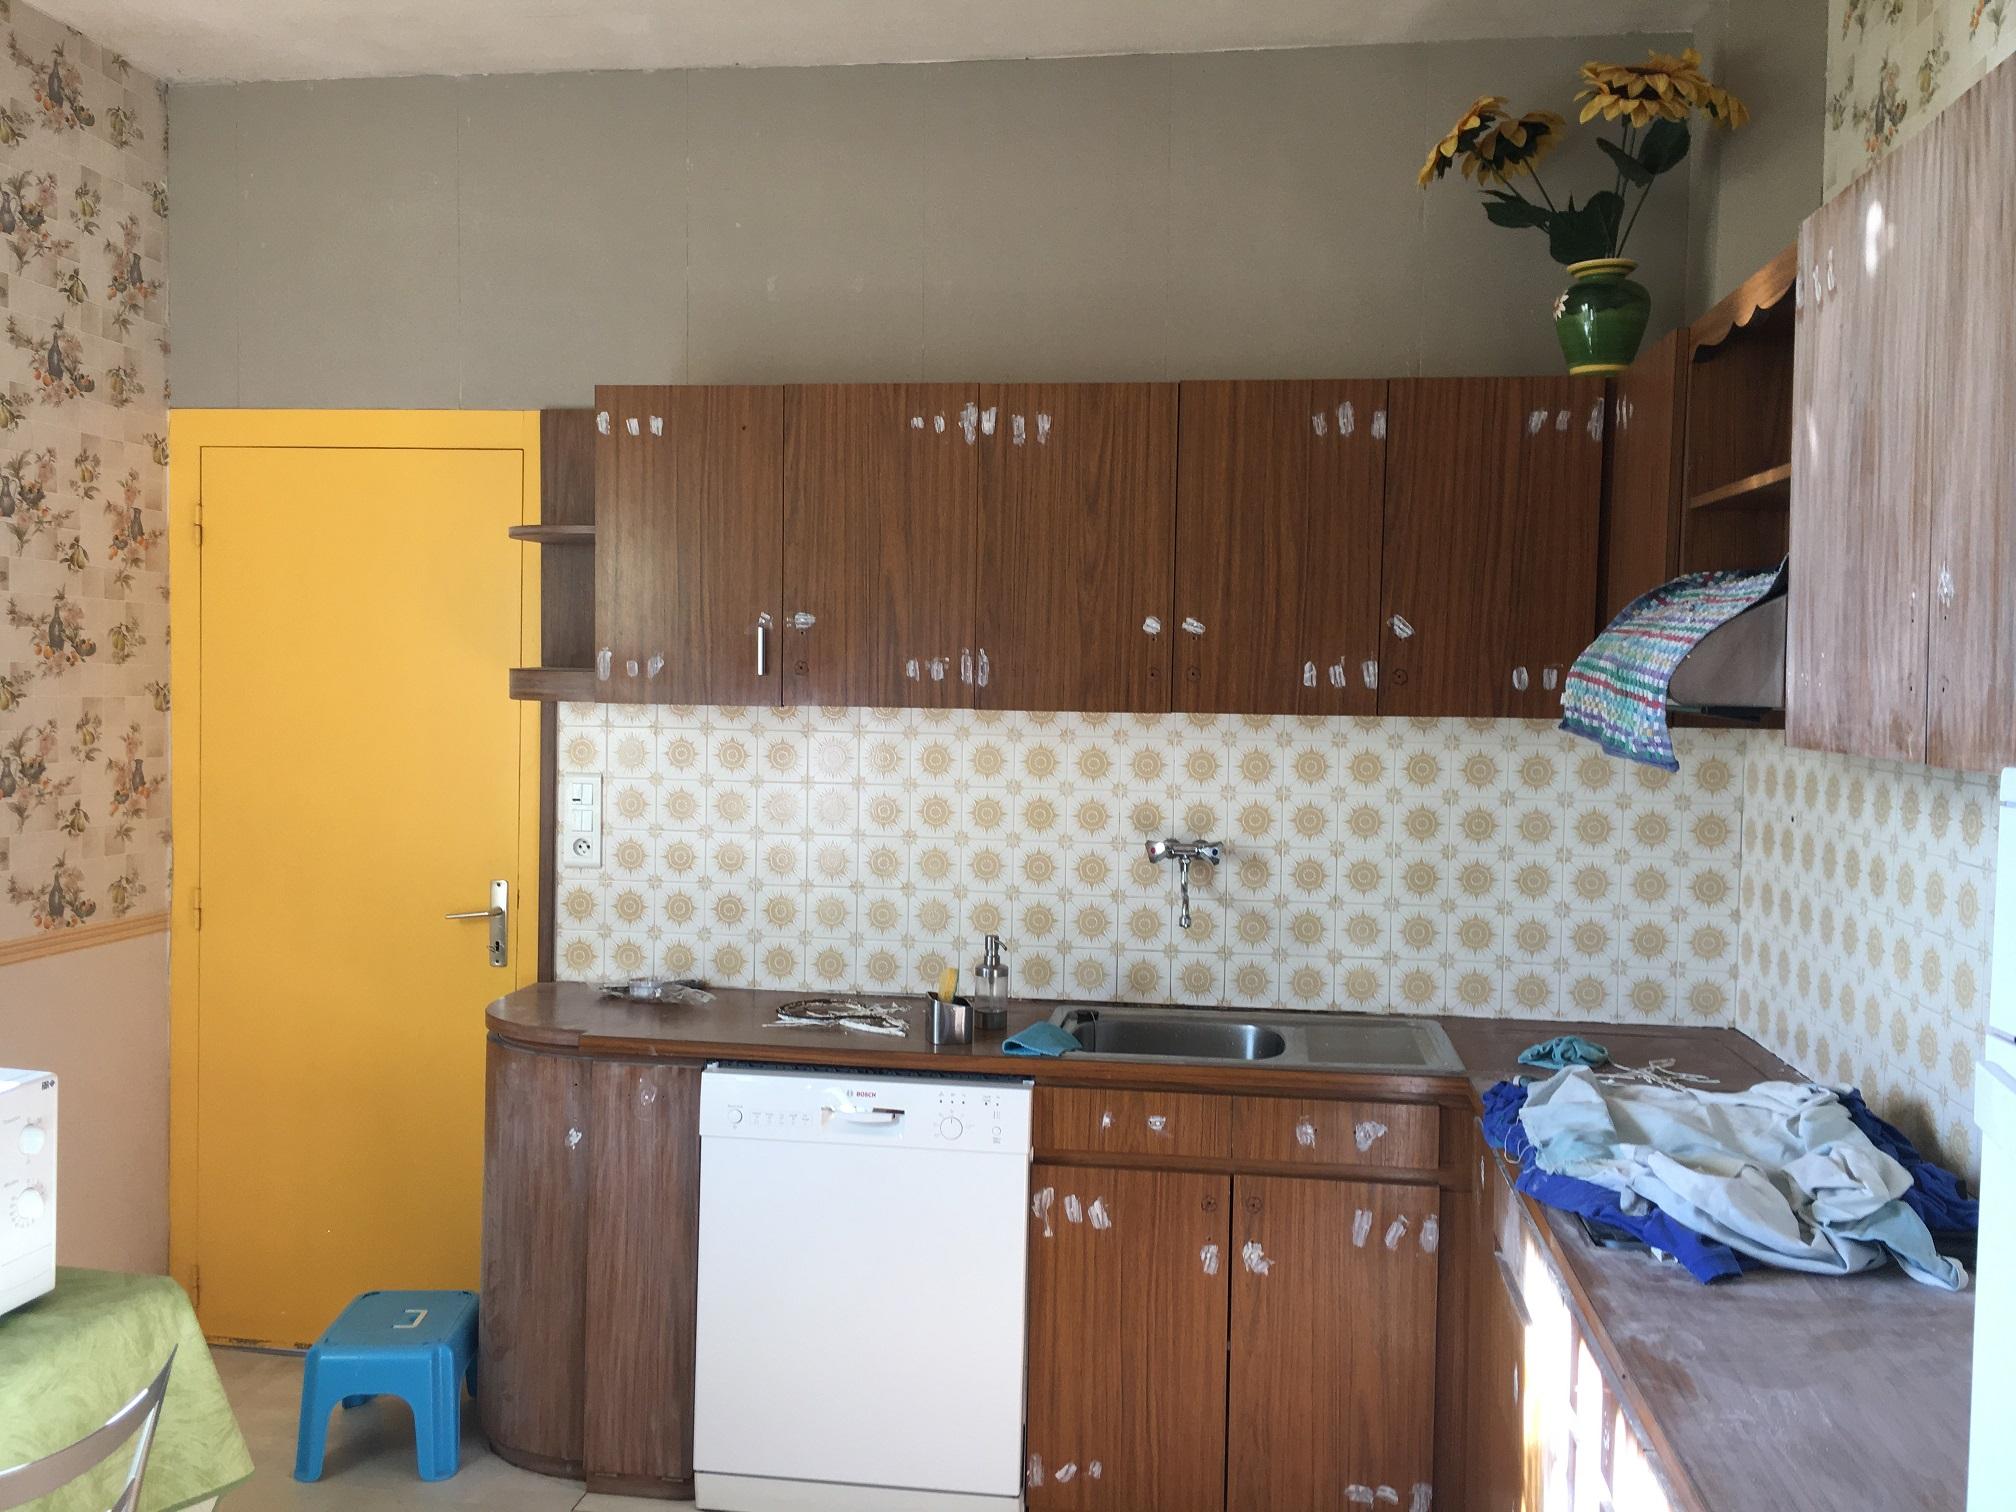 simple je prpare le formica de la mme faon que le bois cet dire je le dgraisse avec de luactone. Black Bedroom Furniture Sets. Home Design Ideas